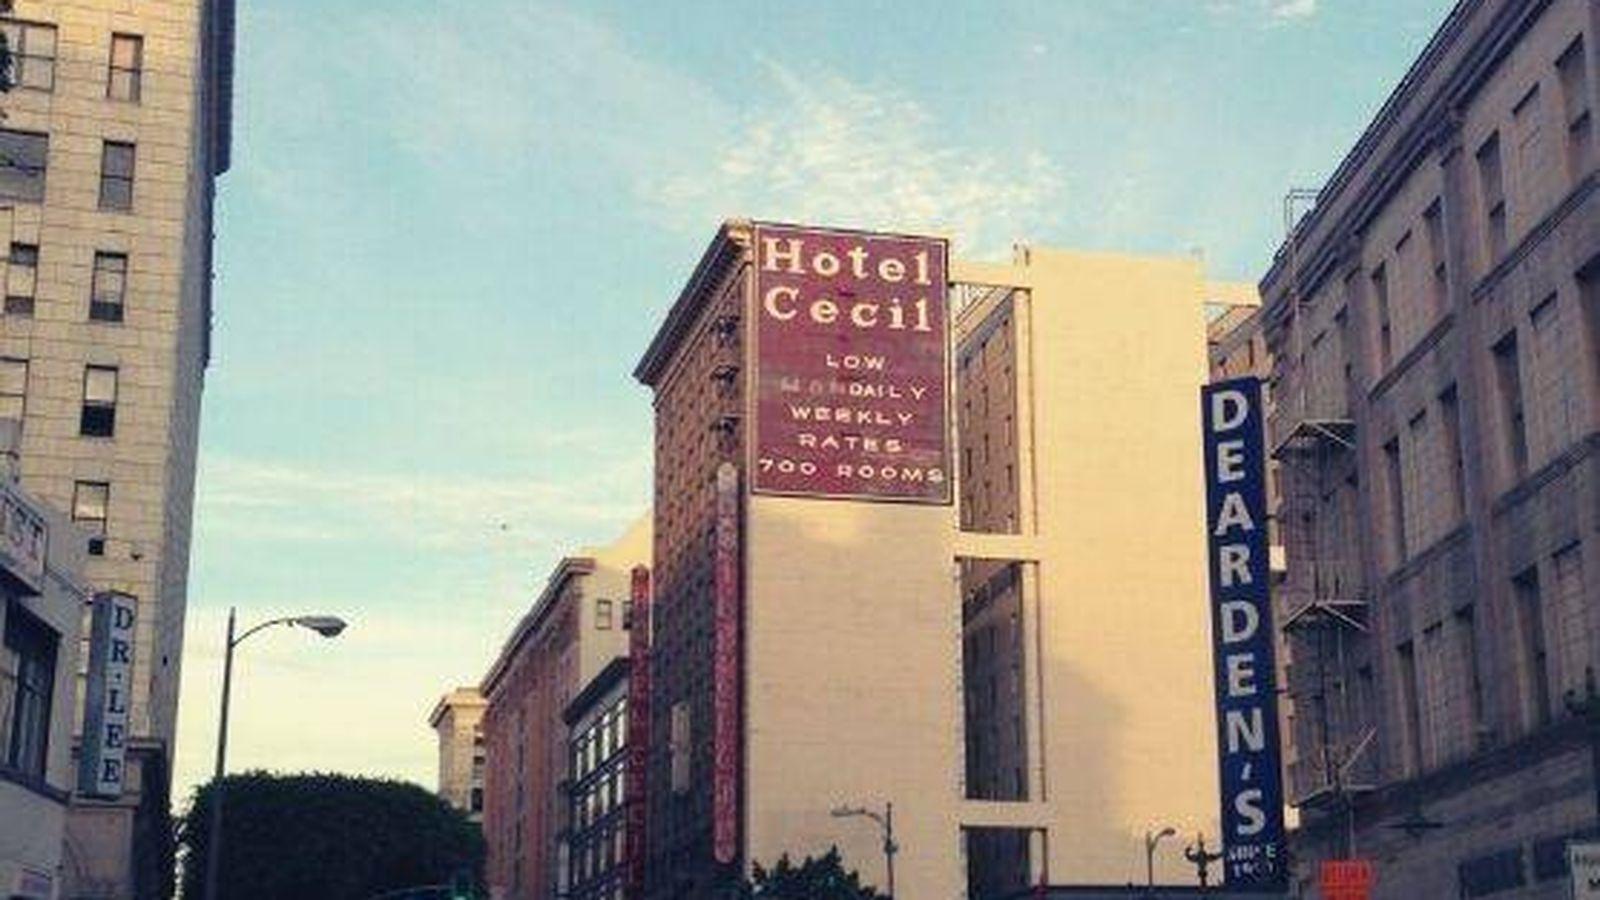 Pánico En El Hotel Cecil Elisa Lam No Fue La única Víctima Que Ocultan Sus Paredes